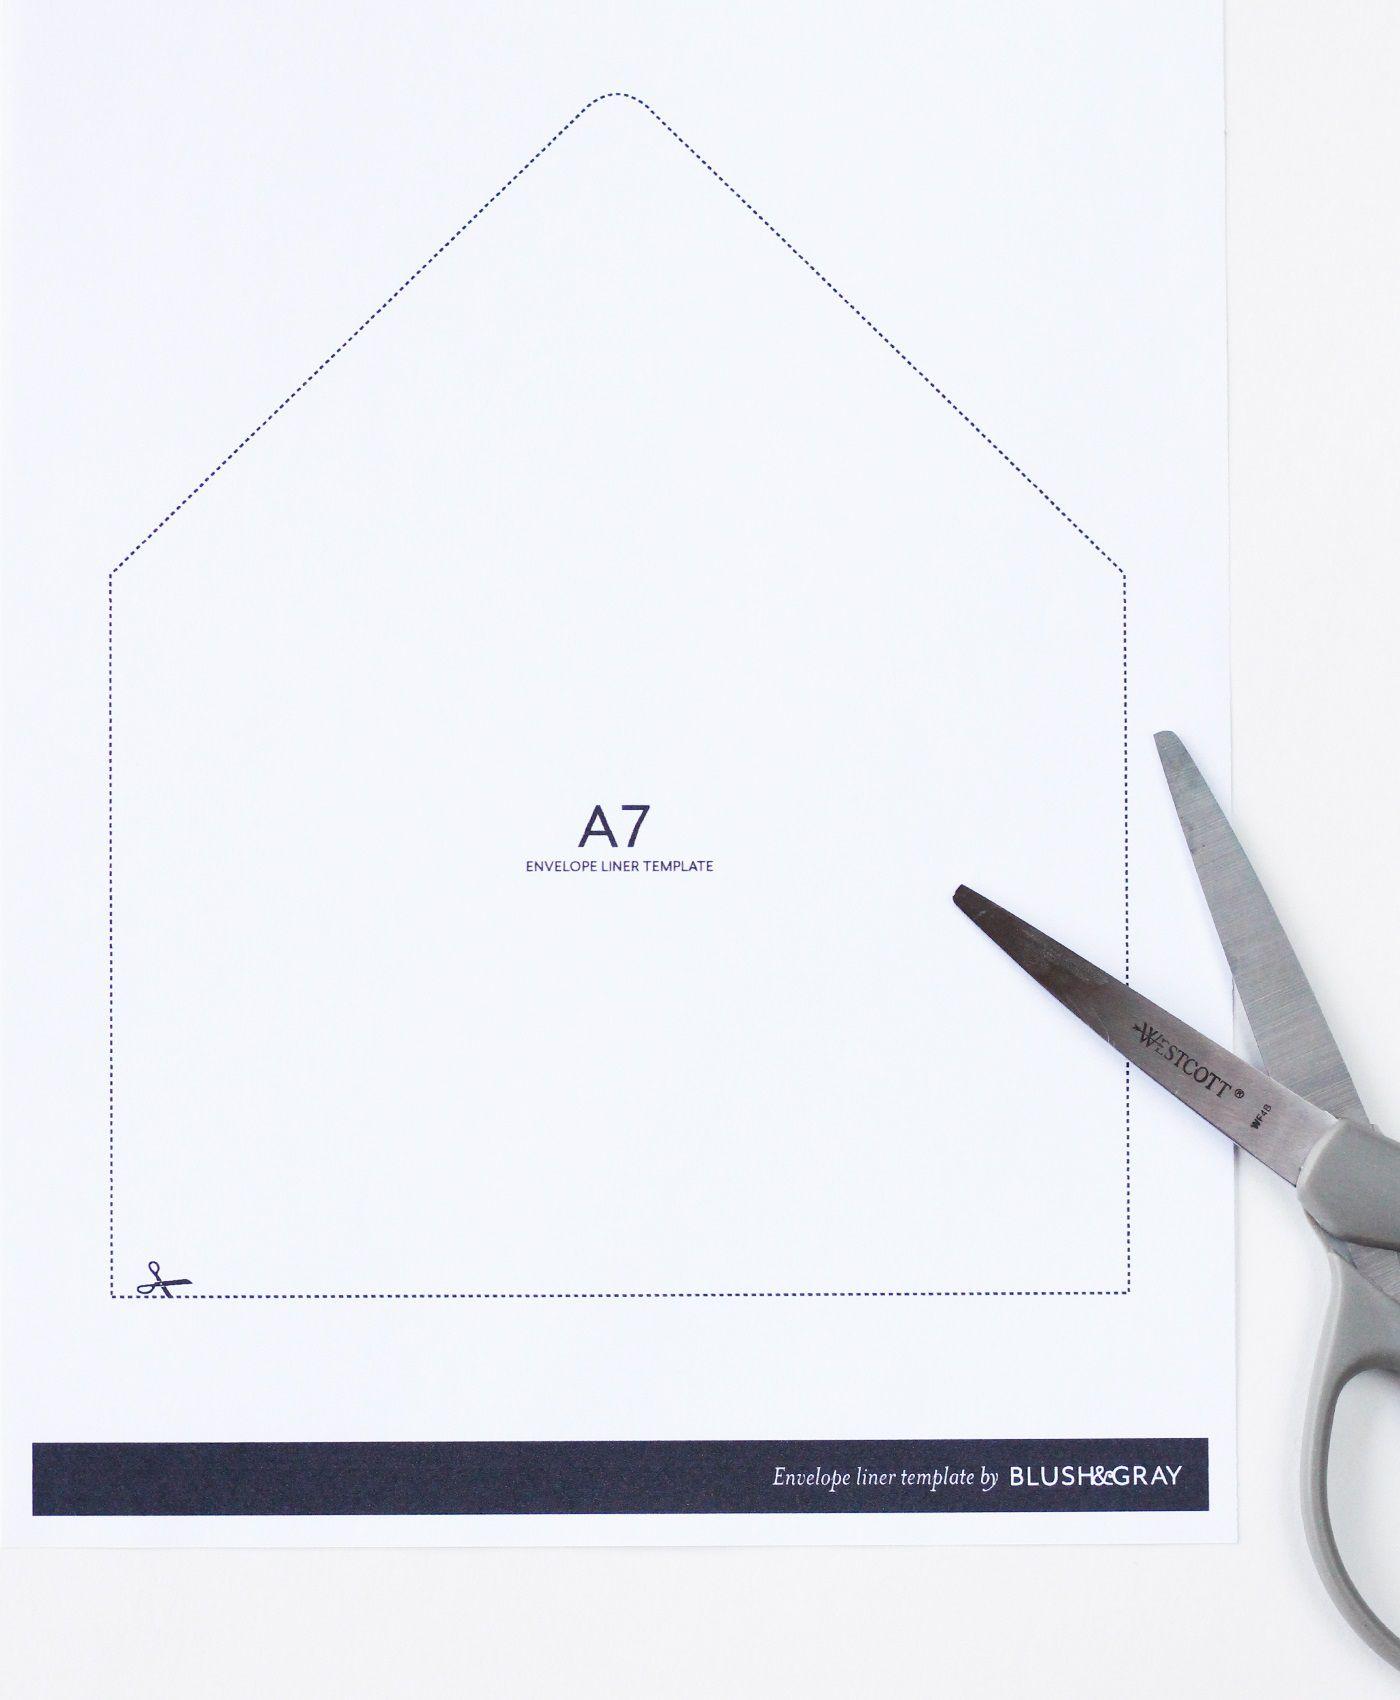 003 Impressive A7 Envelope Liner Template High Definition  Printable Illustrator FreeFull